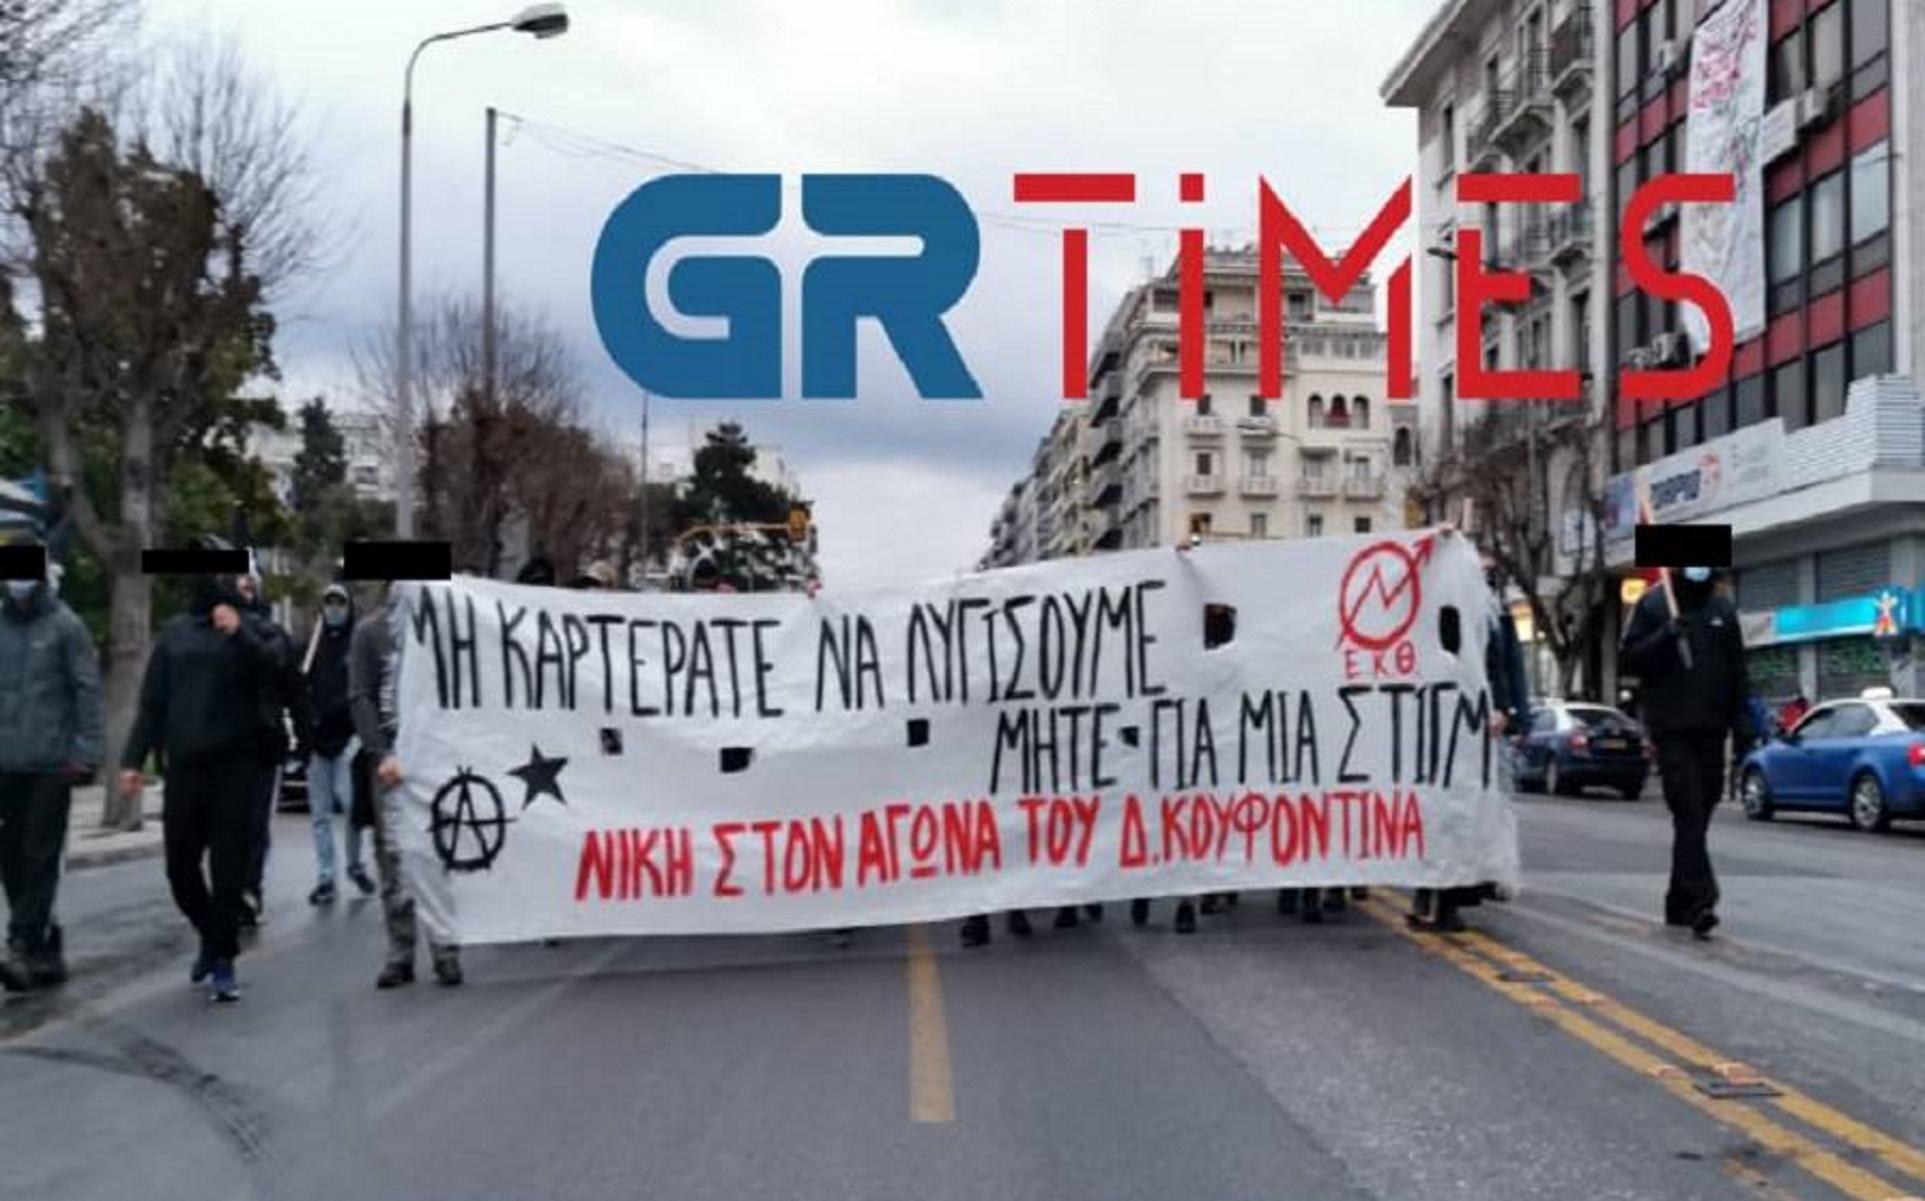 Θεσσαλονίκη: Πορεία για Κουφοντίνα – Ισχυρή παρουσία της αστυνομίας (pics, vid)